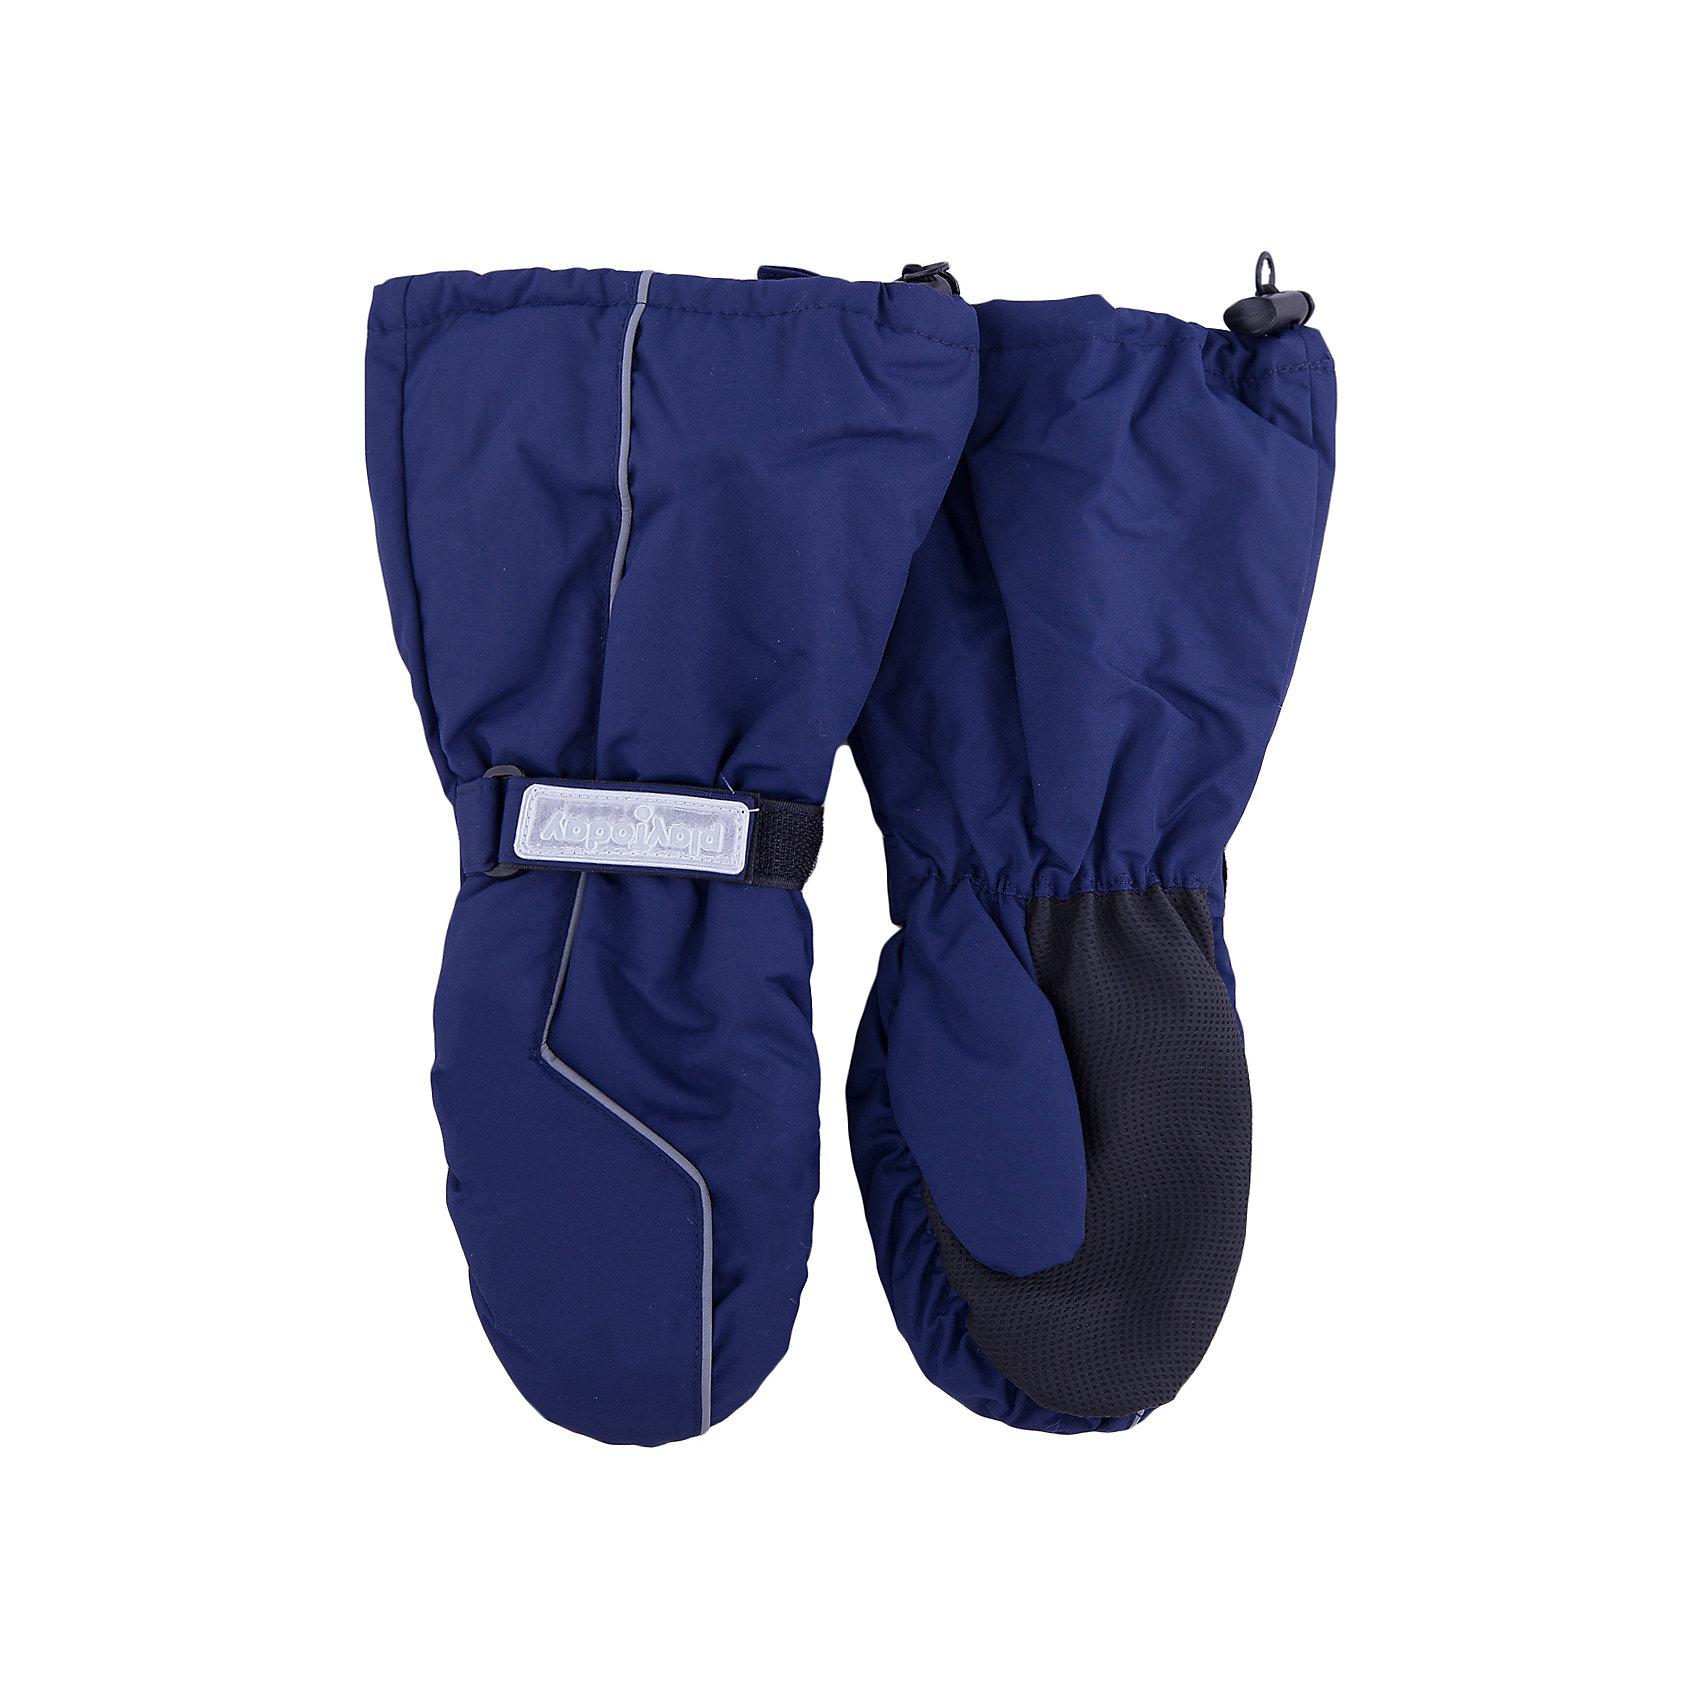 Варежки PlayToday для мальчикаПерчатки, варежки<br>Варежки PlayToday для мальчика<br>Теплые рукавицы из непромокаемого материала защитят руки ребенка при холодной погоде. Модель на подкладке из теплого флиса. Удлиненные запястья дополнены резинками для дополнительного сохранения тепла.<br>Состав:<br>Верх: 100% полиэстер, Подкладка: 100% полиэстер, Утеплитель: 100% полиэстер<br><br>Ширина мм: 162<br>Глубина мм: 171<br>Высота мм: 55<br>Вес г: 119<br>Цвет: синий<br>Возраст от месяцев: 84<br>Возраст до месяцев: 96<br>Пол: Мужской<br>Возраст: Детский<br>Размер: 4,2,3<br>SKU: 7106066